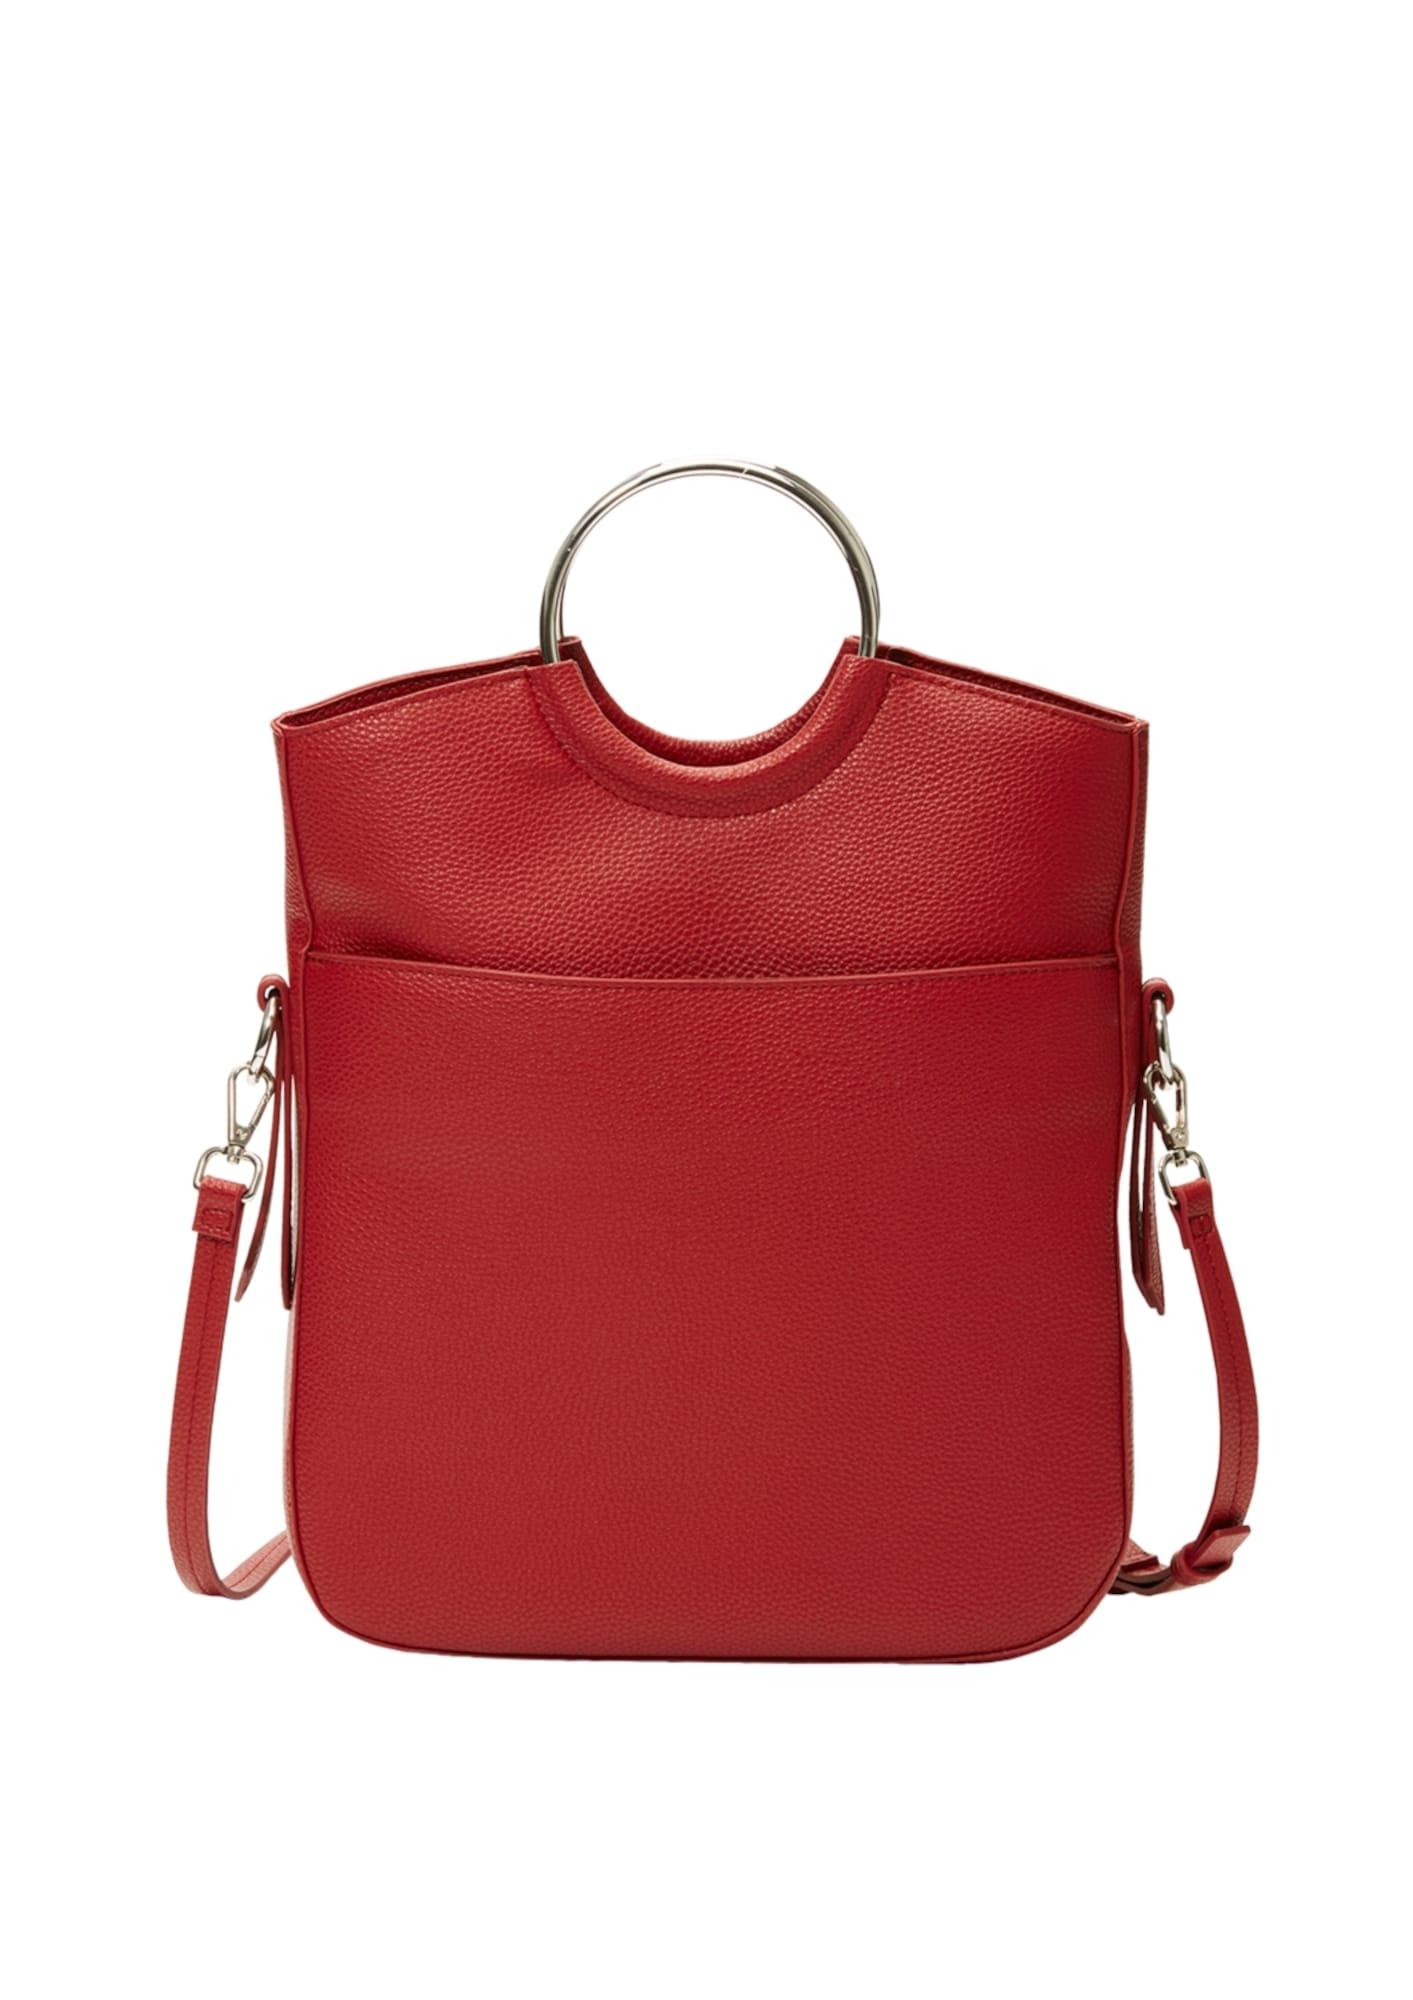 Handtasche | Taschen > Handtaschen > Sonstige Handtaschen | S.Oliver